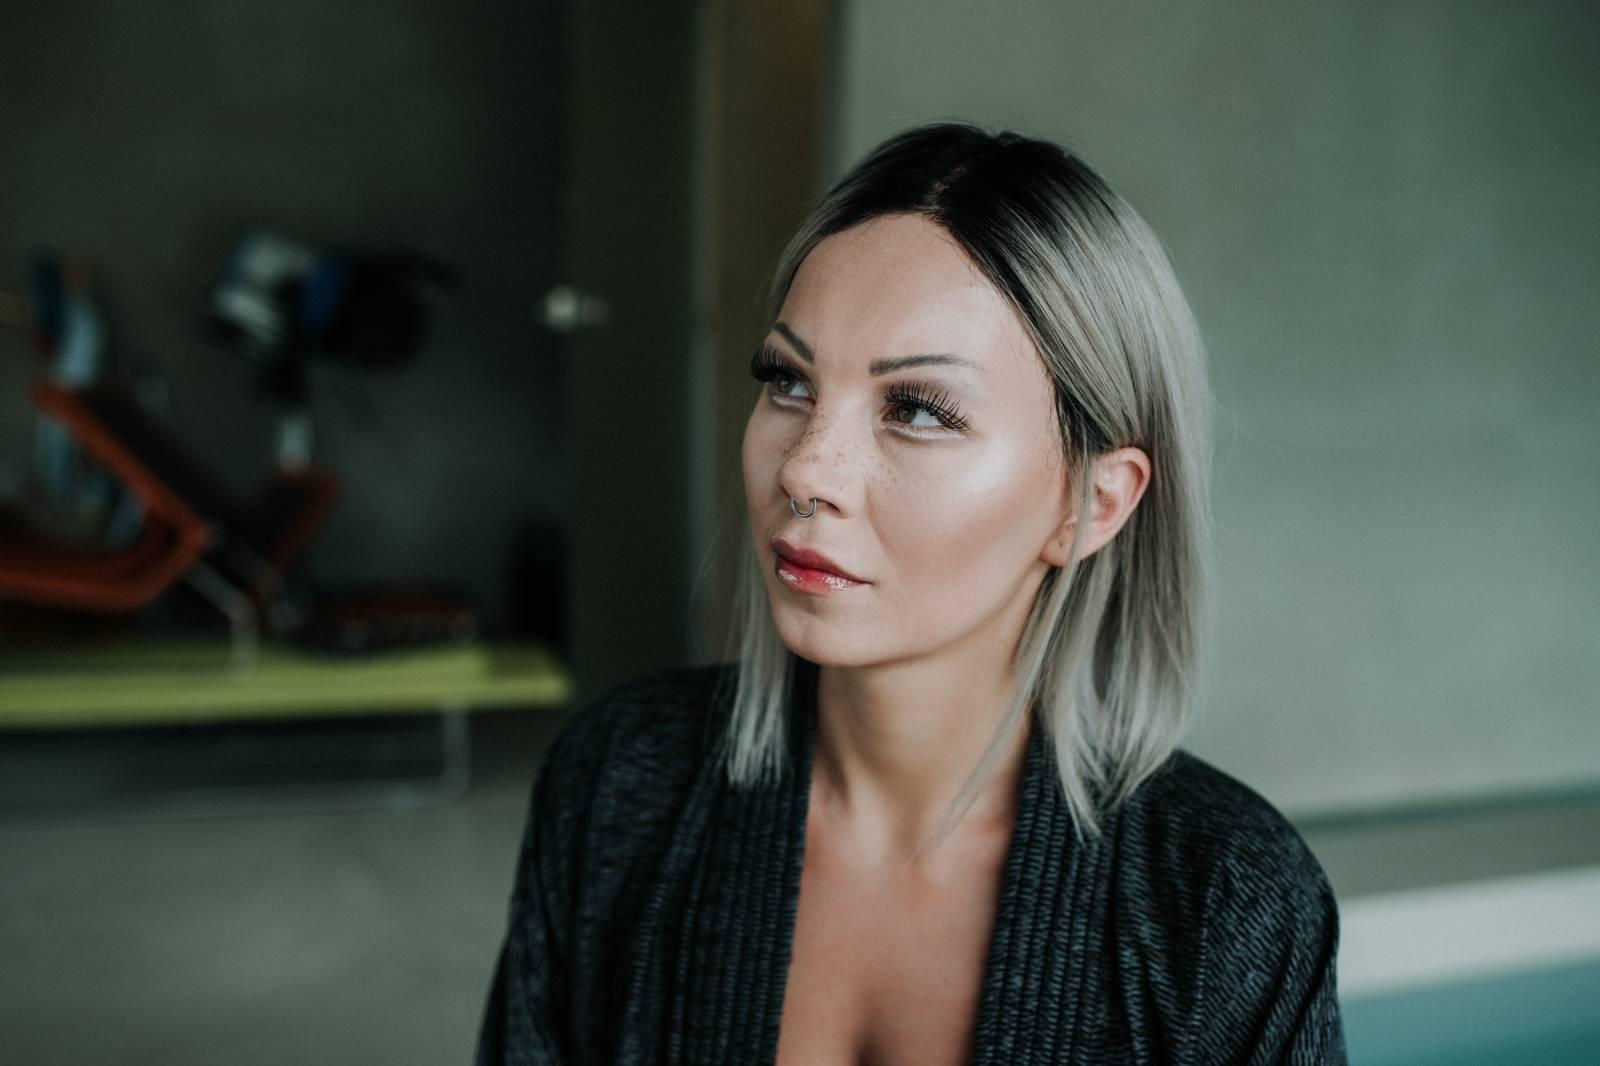 Giudi pokřtí nový klip v Mono Fono, slibuje strhující vizuální estetiku